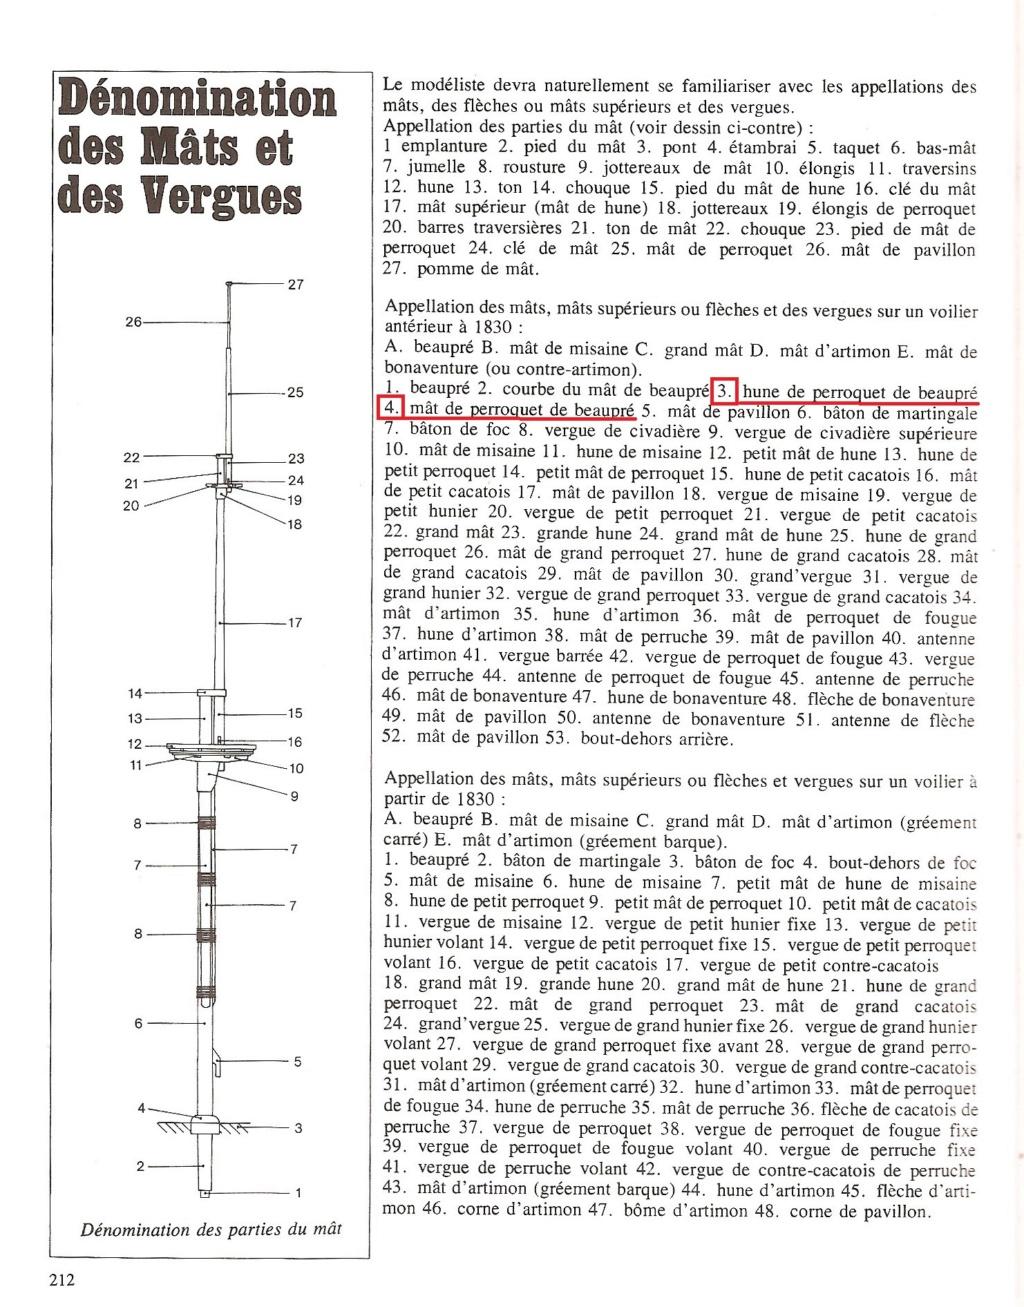 """Construction du """"Sovereign of the Seas"""" au 1/84 par Glénans - Partie II - Page 38 Plan_m11"""